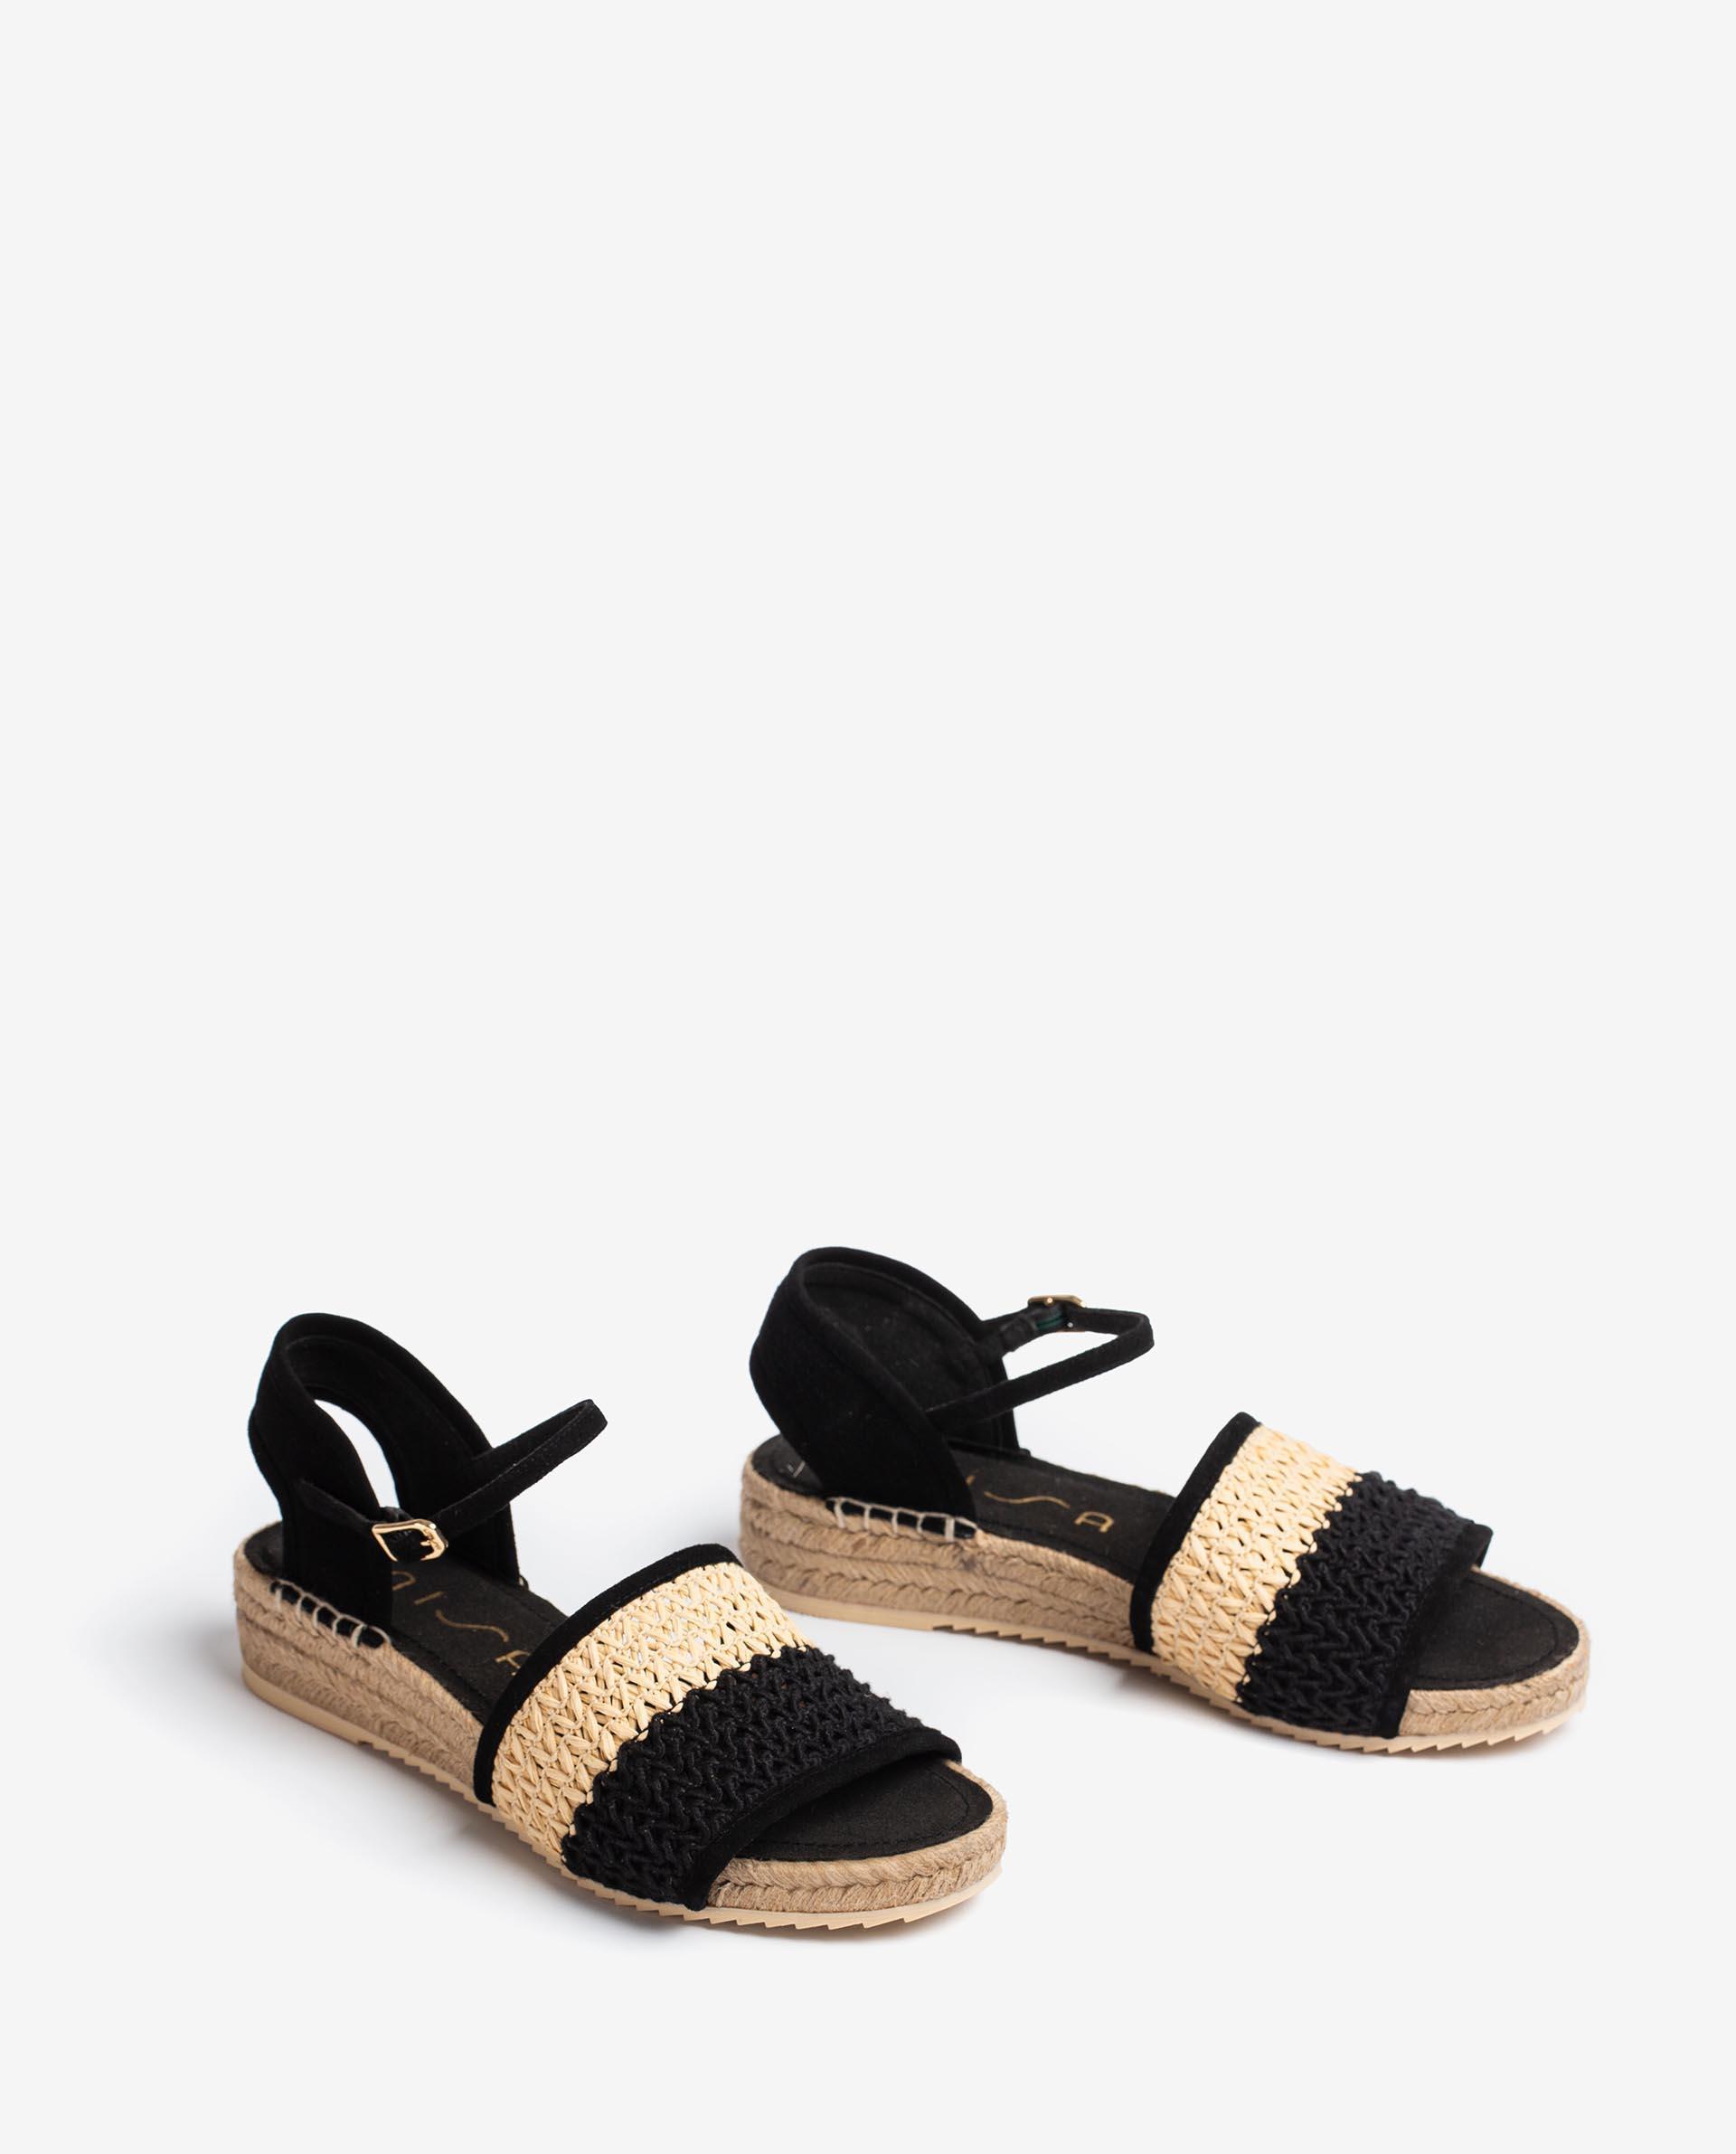 UNISA Kid suede braided sandals BARTOW_KS 2